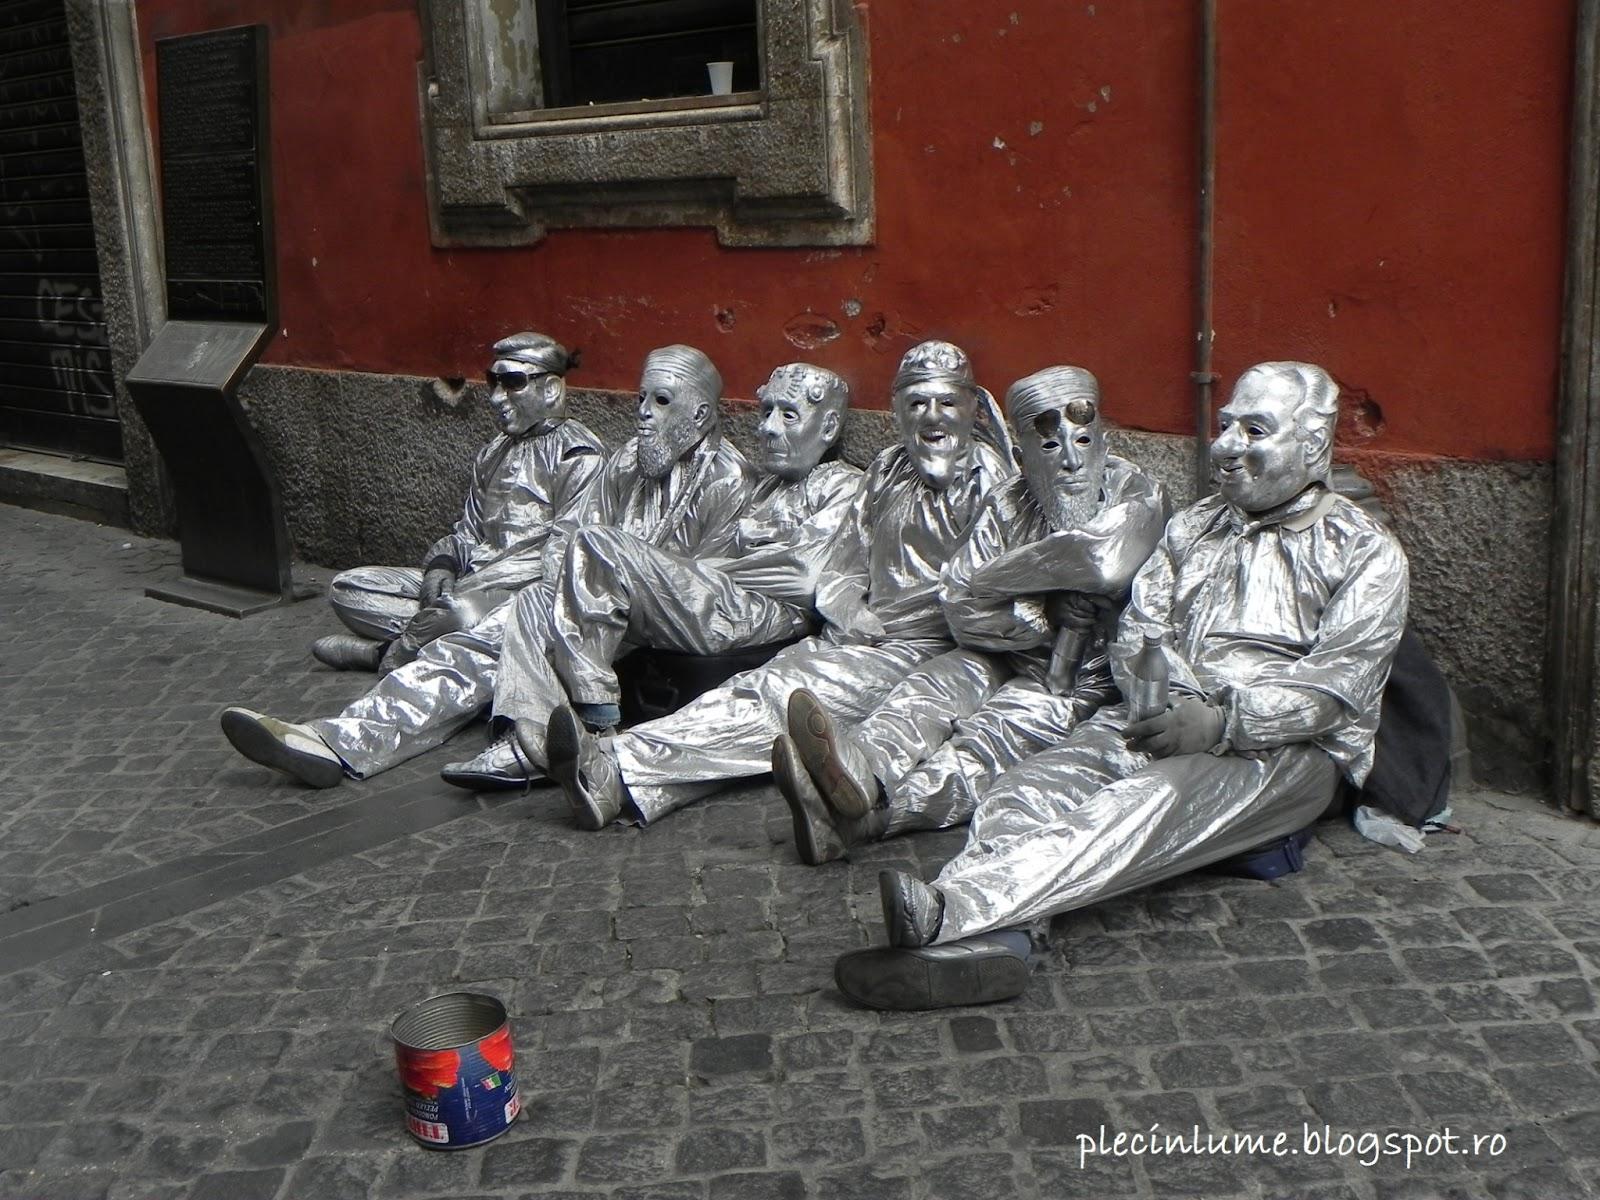 Statui umane in Roma